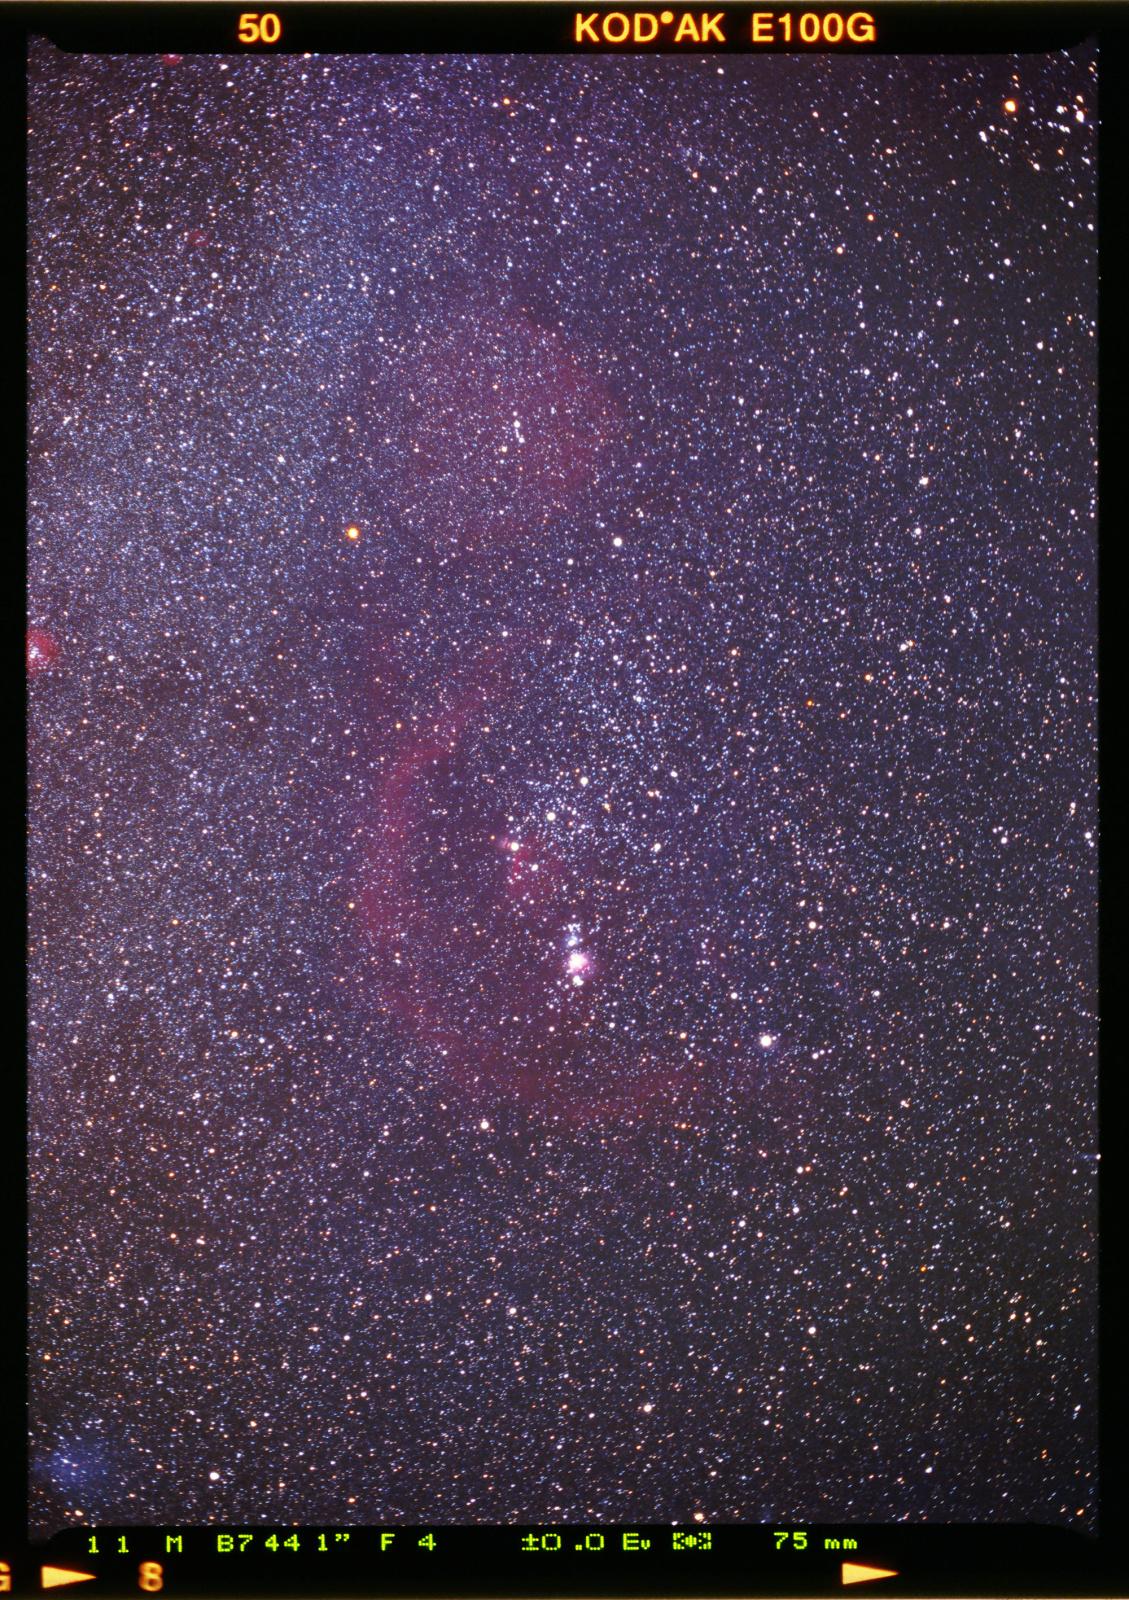 Orion_E100G.thumb.jpg.4946775e59383765fbeaffbe21d73c17.jpg